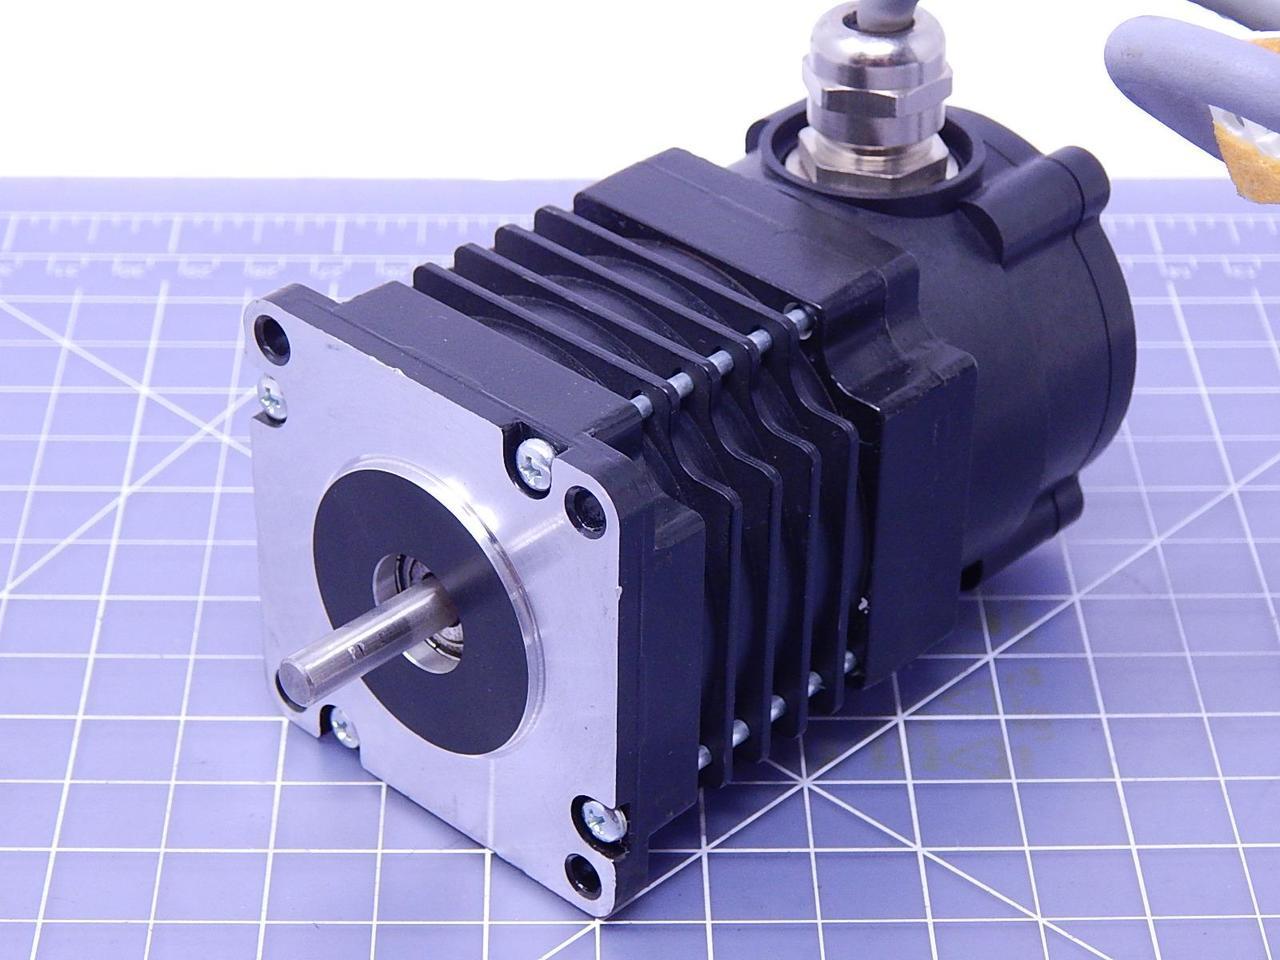 Berger Lahr VRDM 566 50 LNB SIG Positec Motor Uch 70 V Iw